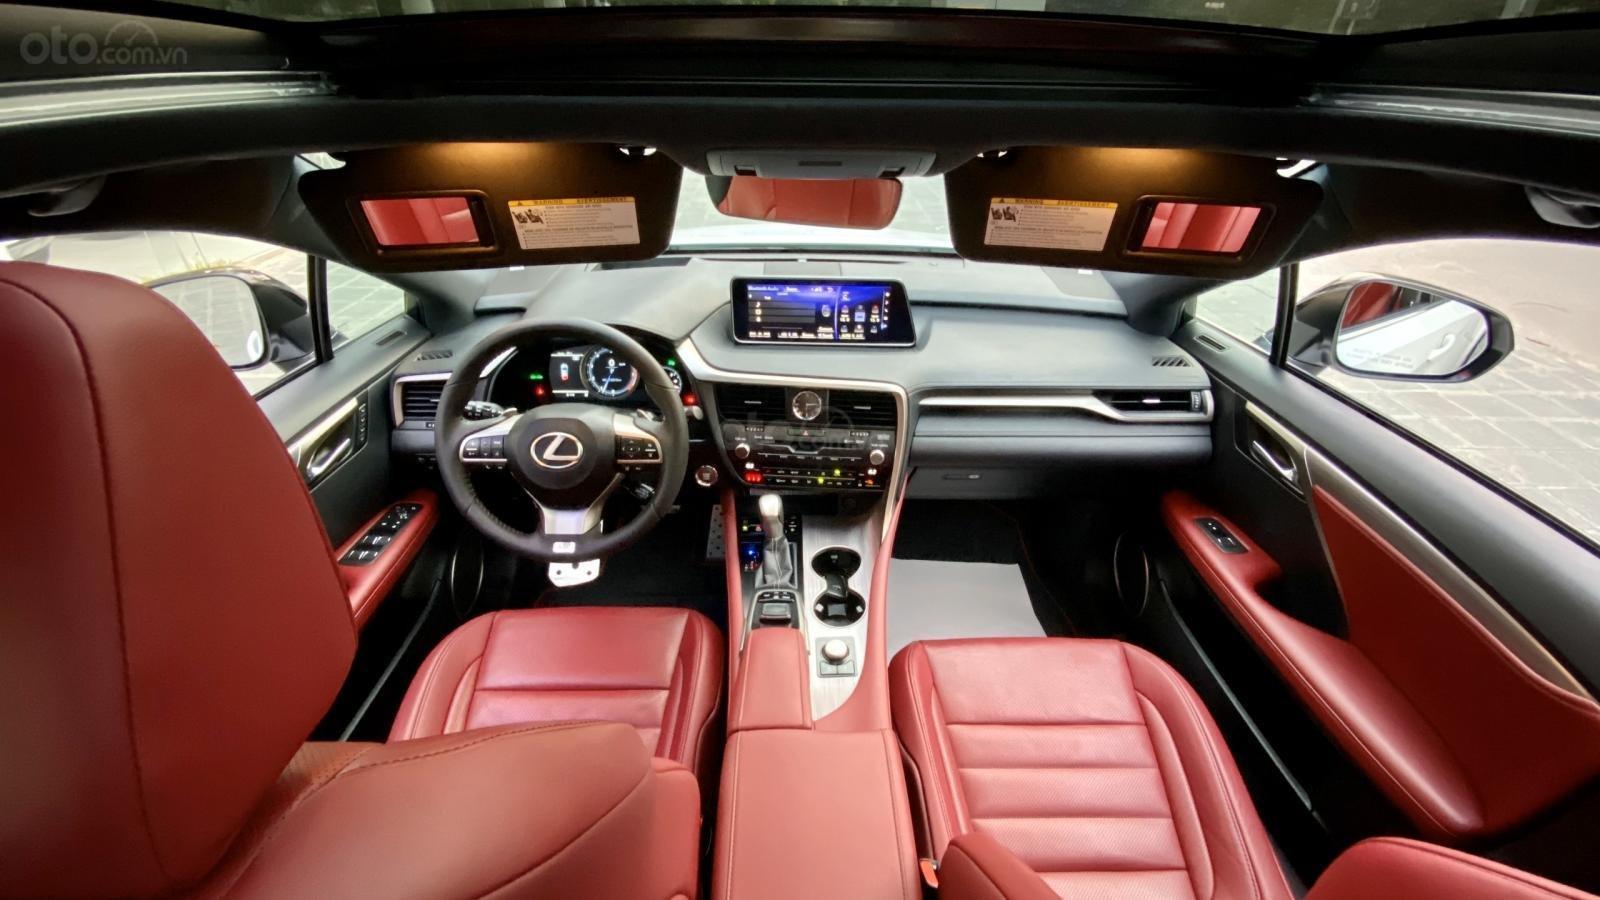 Bán xe Lexus RX 350 Fsport nhập Mỹ sản xuất 2018 đã qua sử dụng LH Ms Hương, giao xe toàn quốc, giá tốt (11)